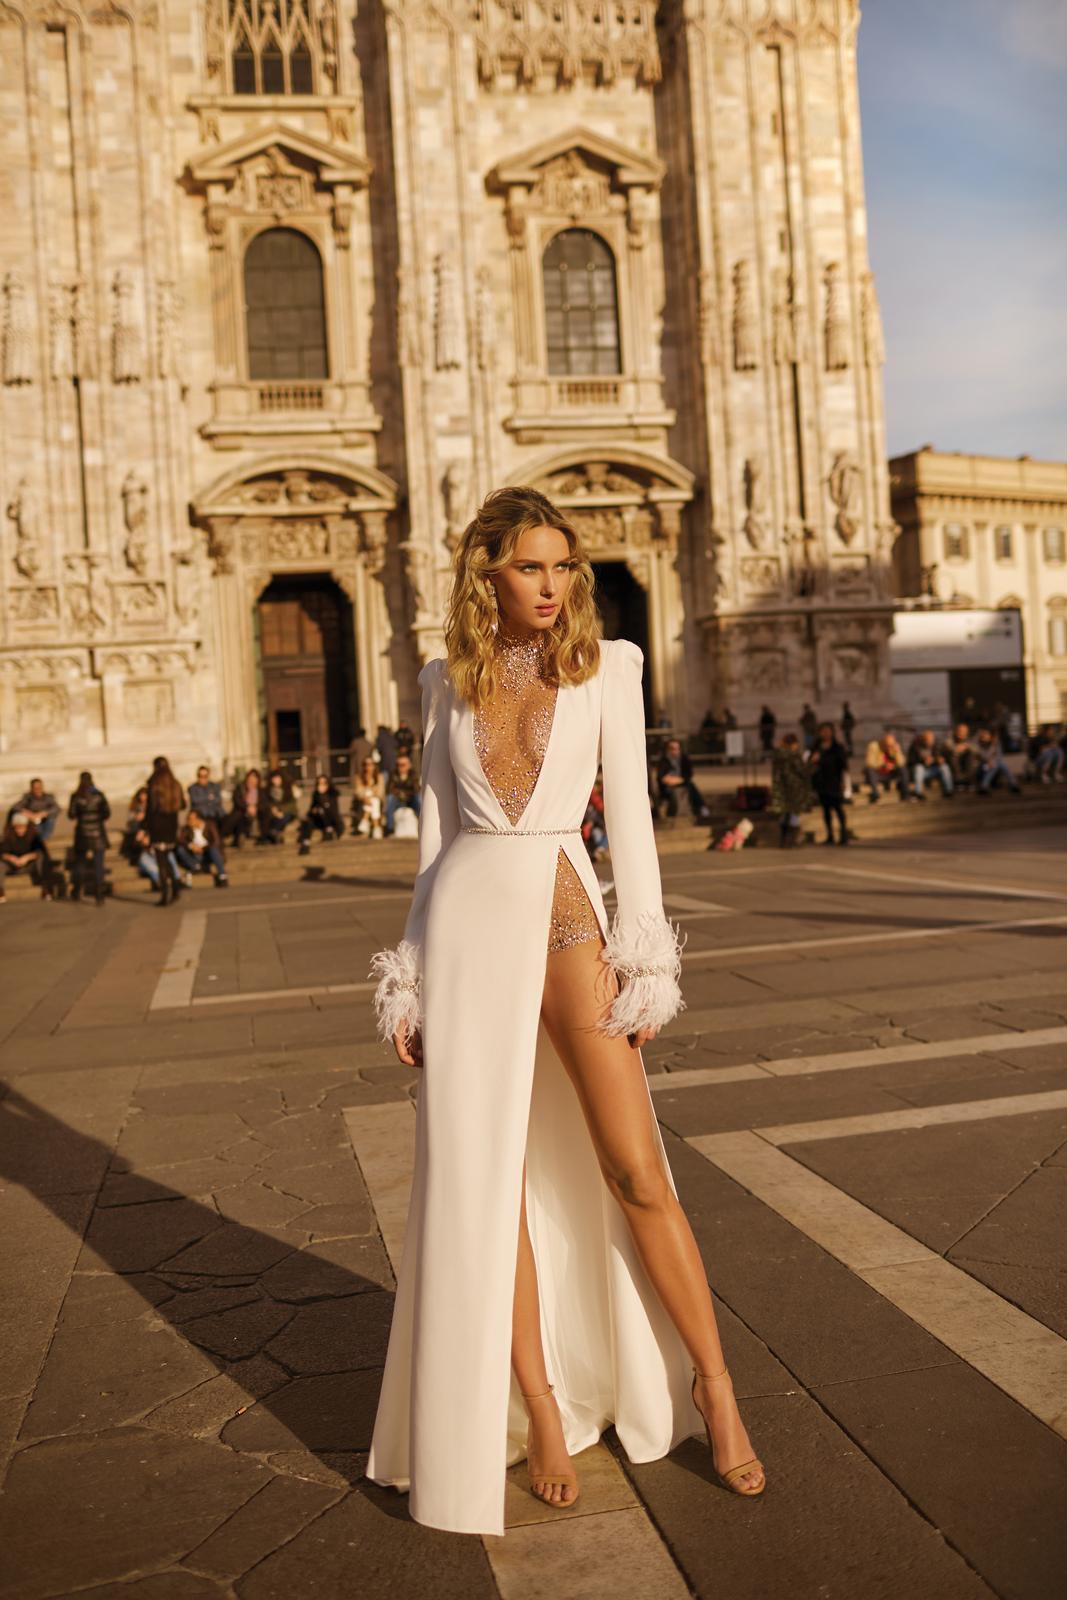 Svadobné šaty jar/leto 2020 BERTA Miláno - Obrázok č. 35